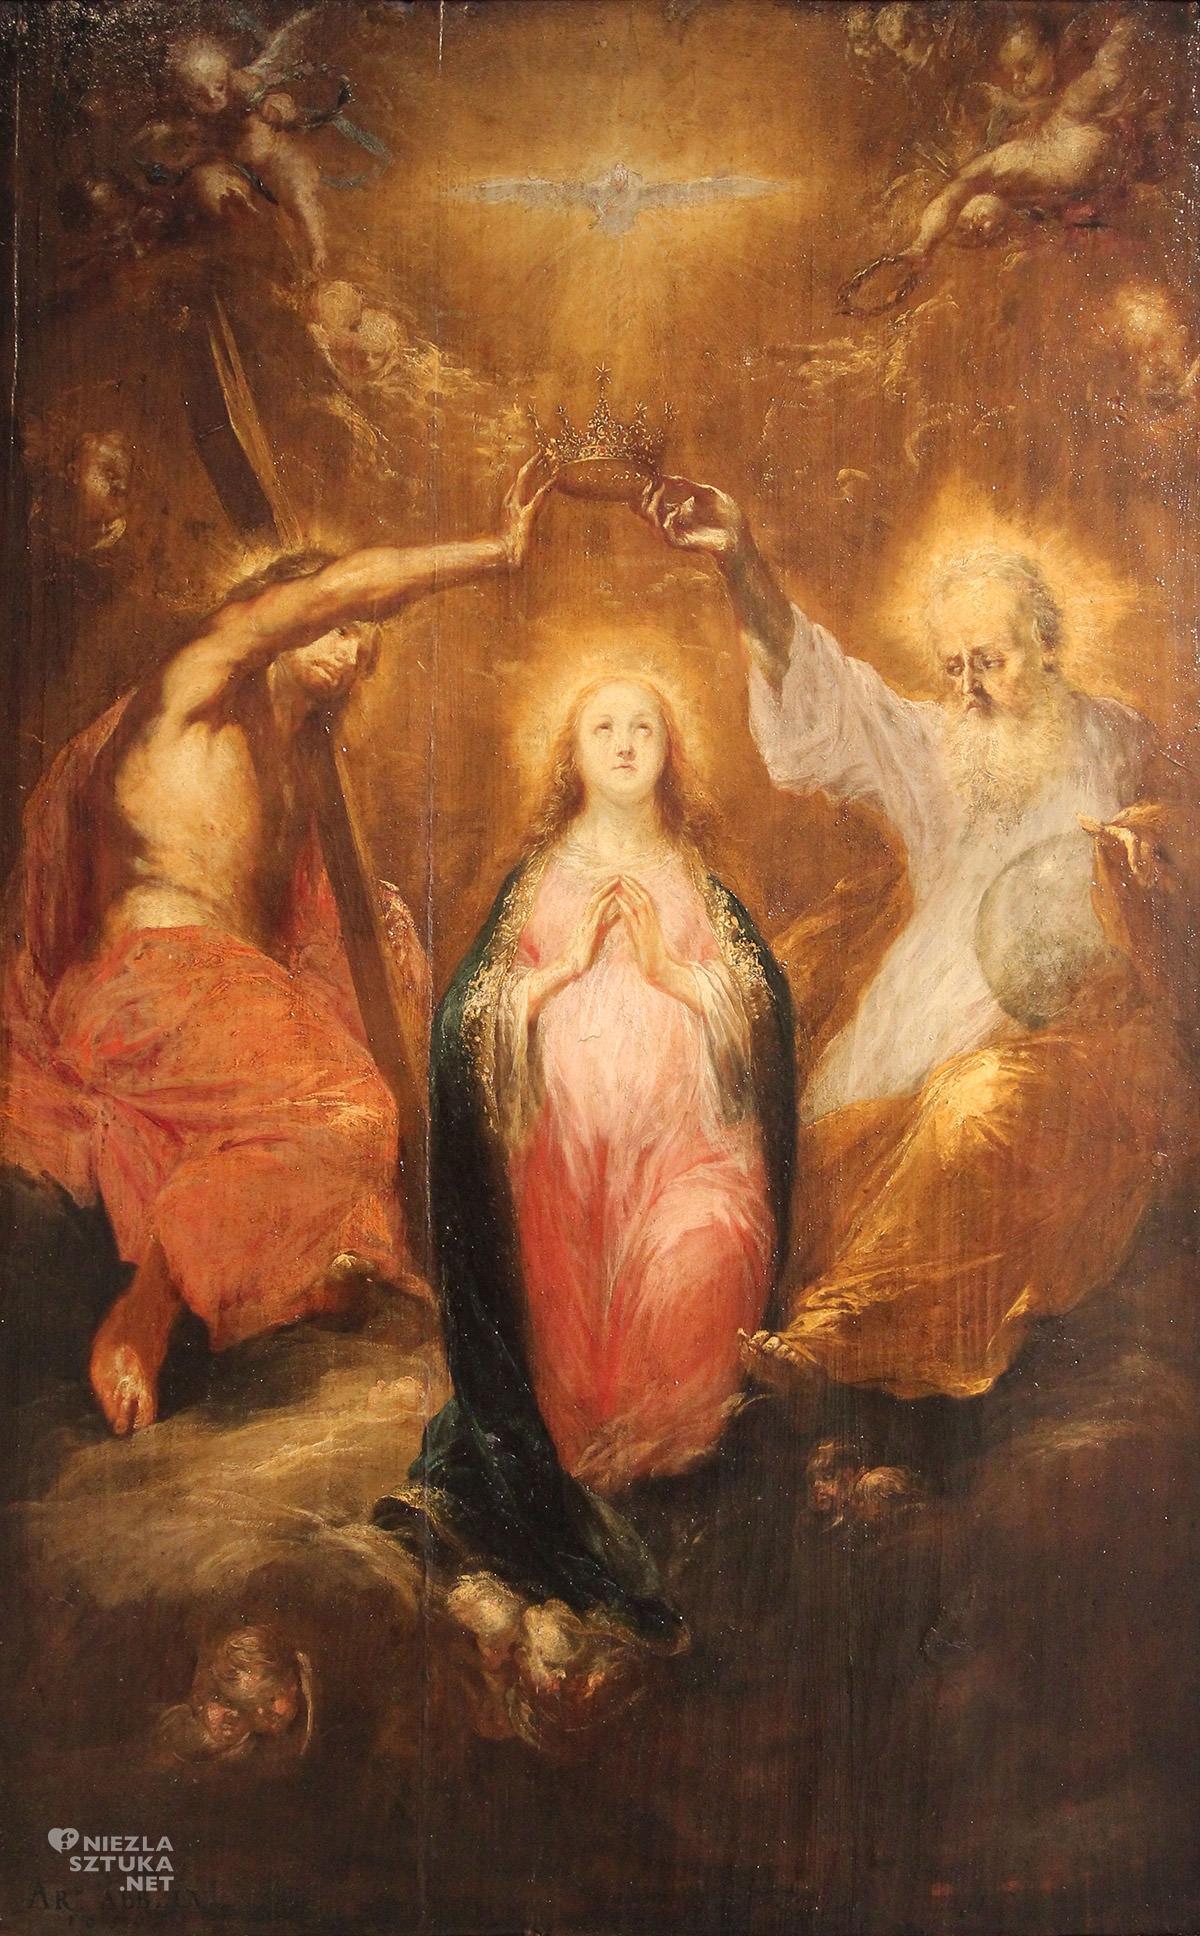 Michael Willmann, malarstwo niemieckie, Koronacja Najświętszej Marii Panny, sztuka niemiecka, Niezła sztuka